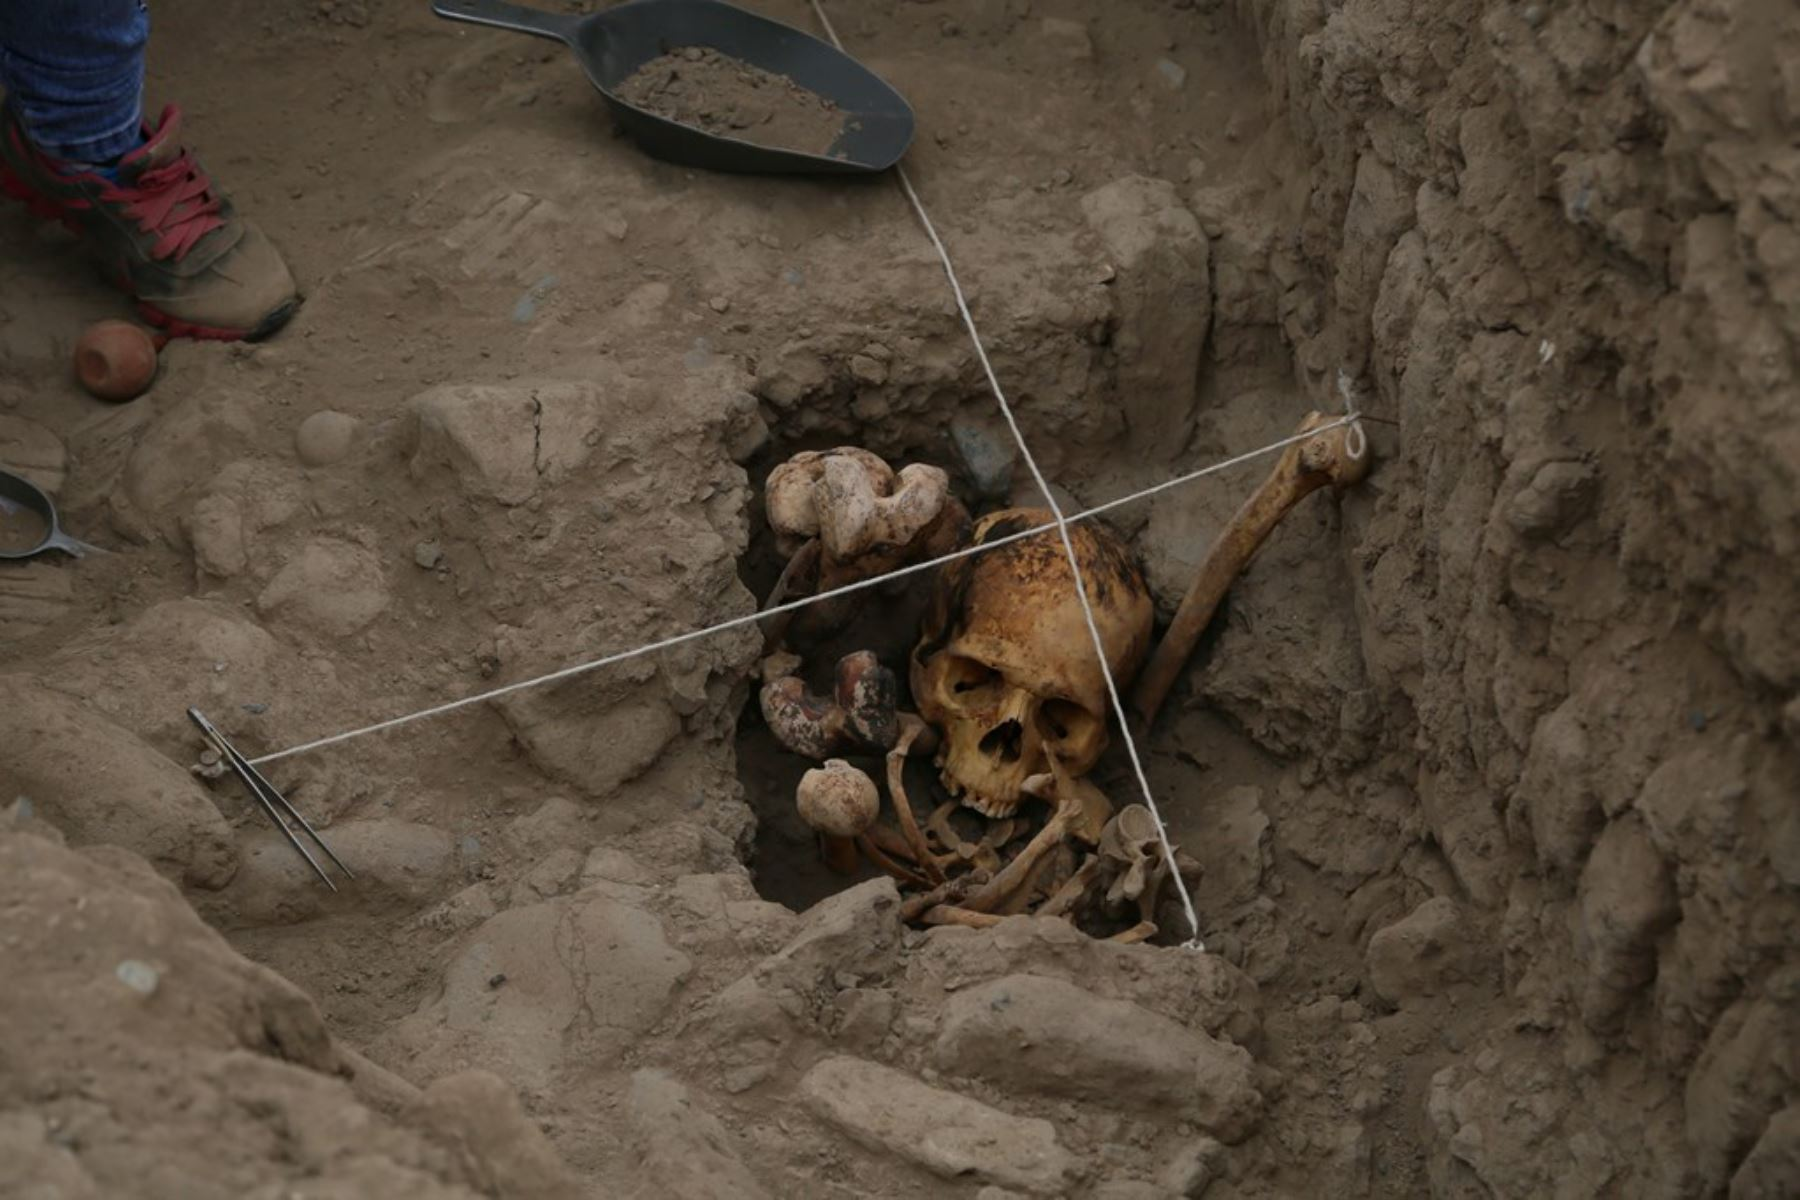 Excavaciones arqueológicas permitieron hallar entierros humanos. Foto: Difusión